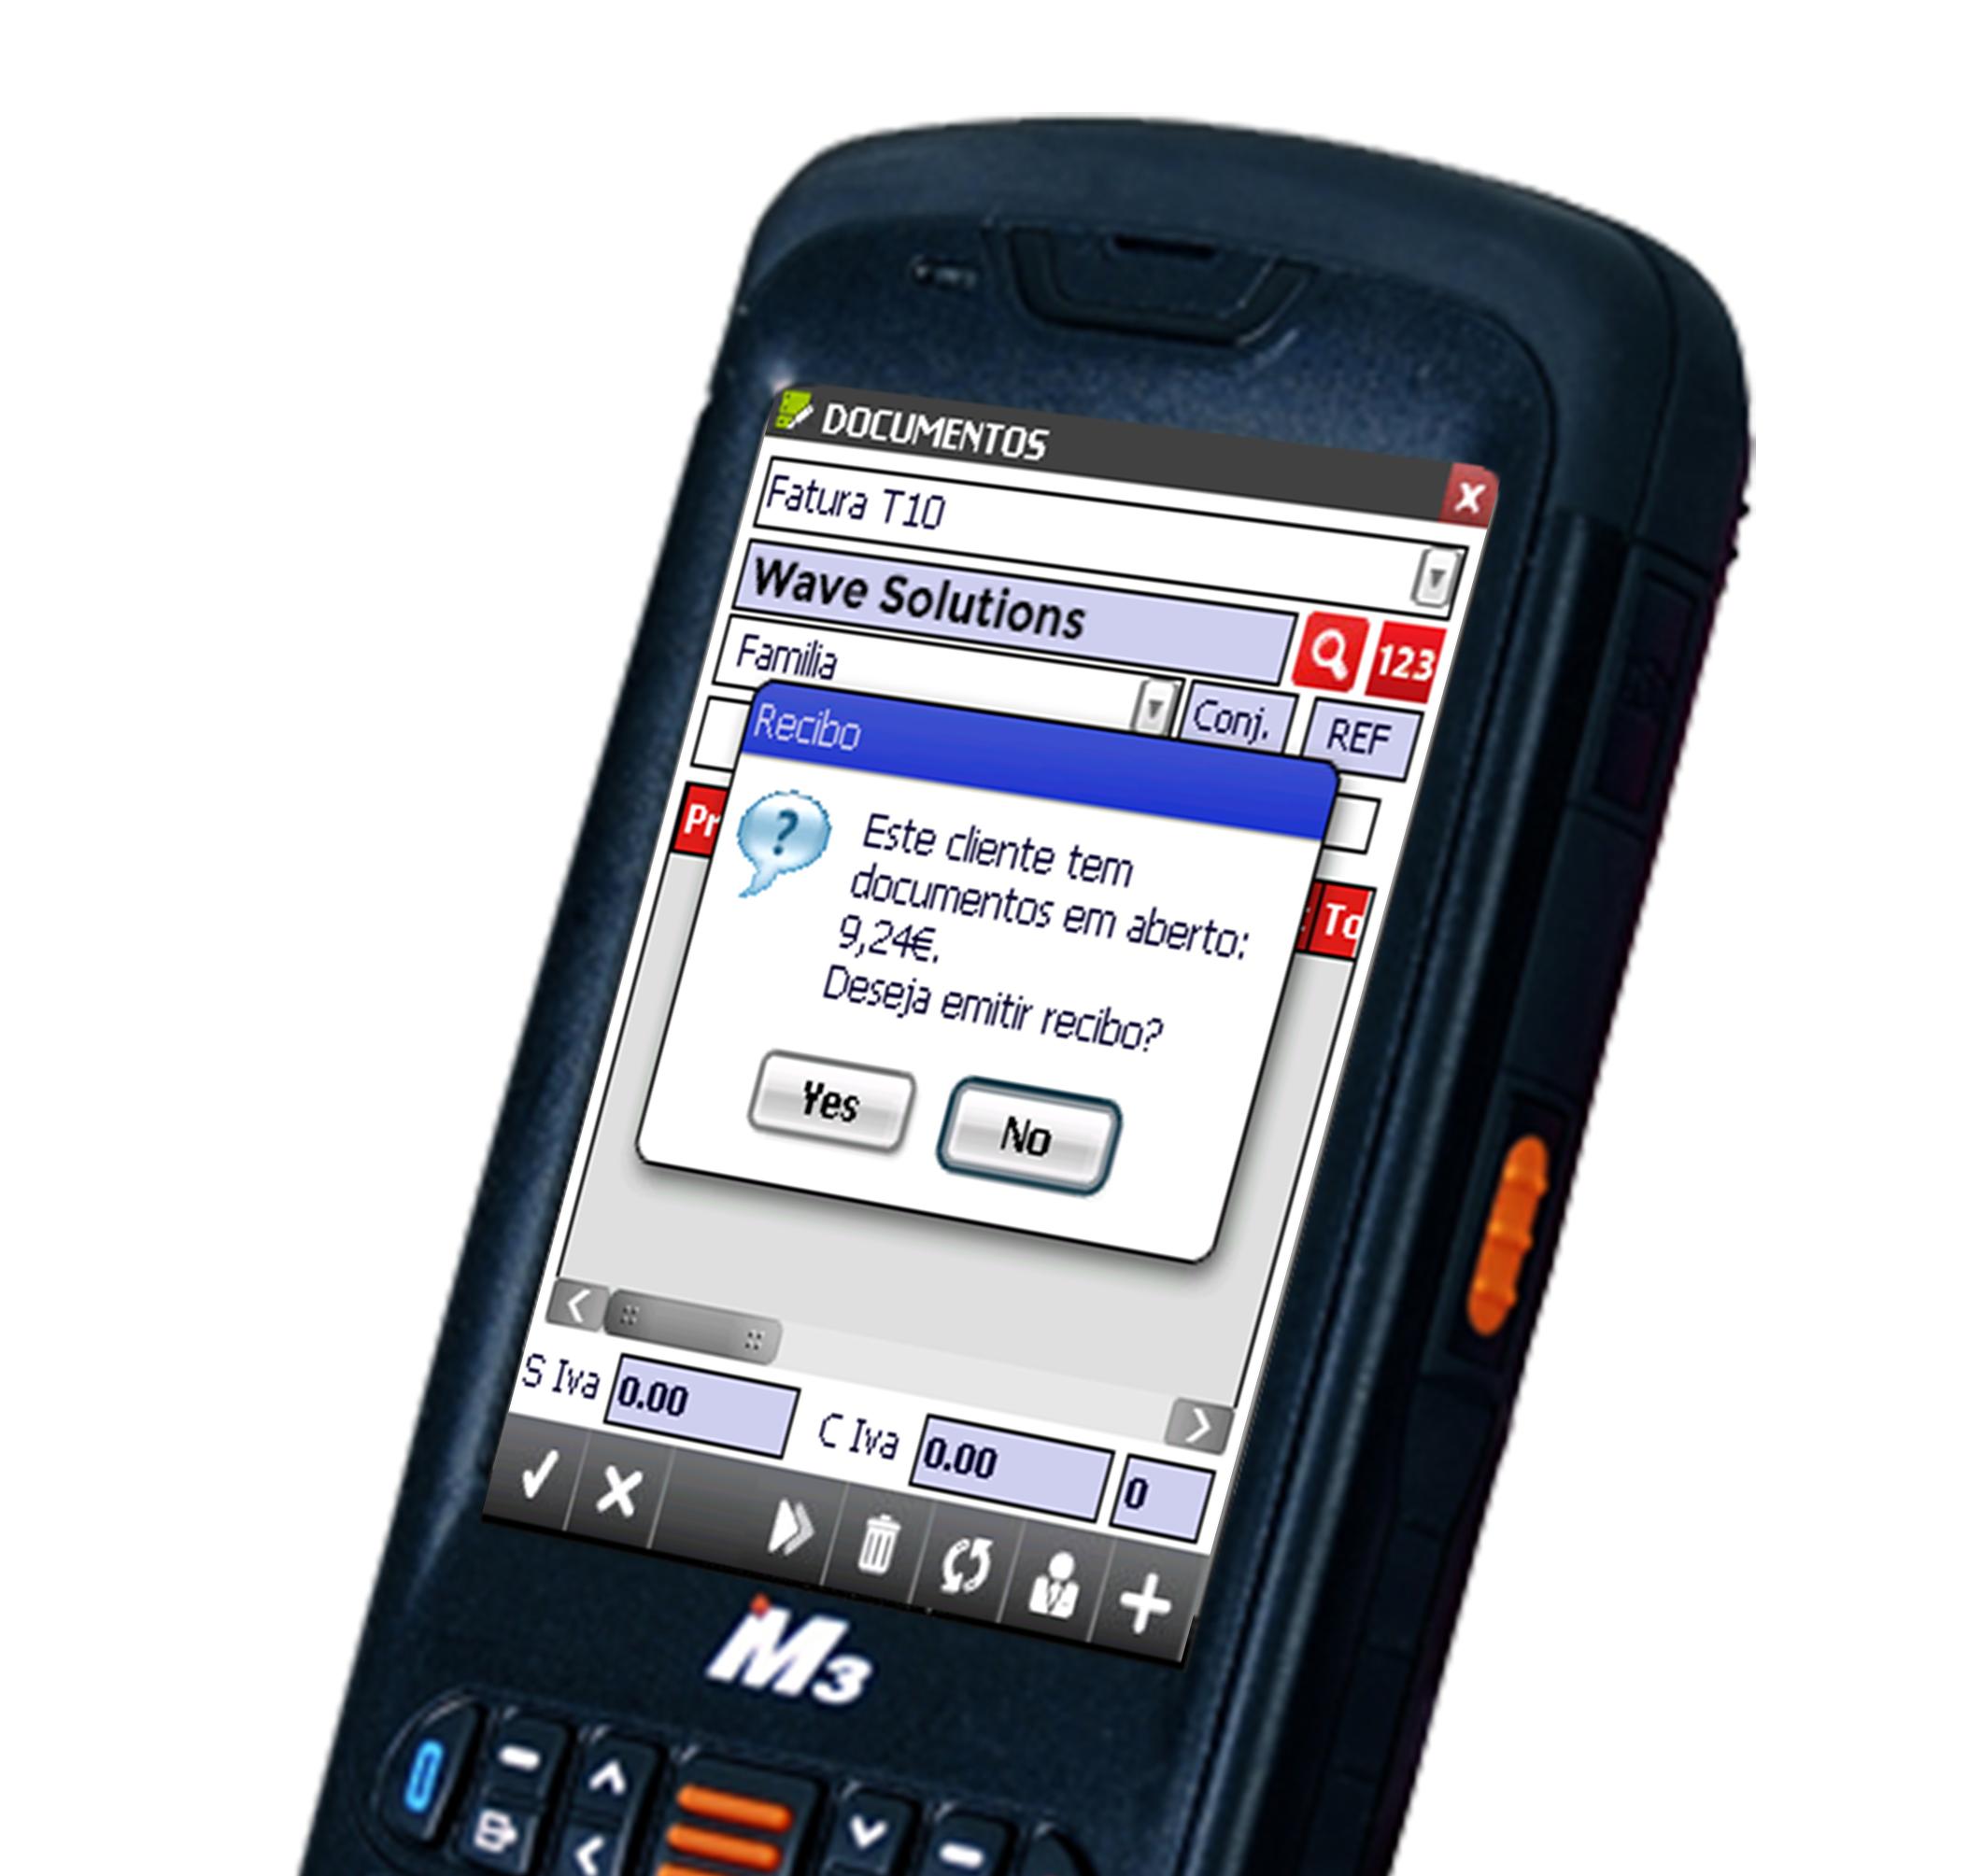 Mobile Sales Aplicação - Wave Solutions